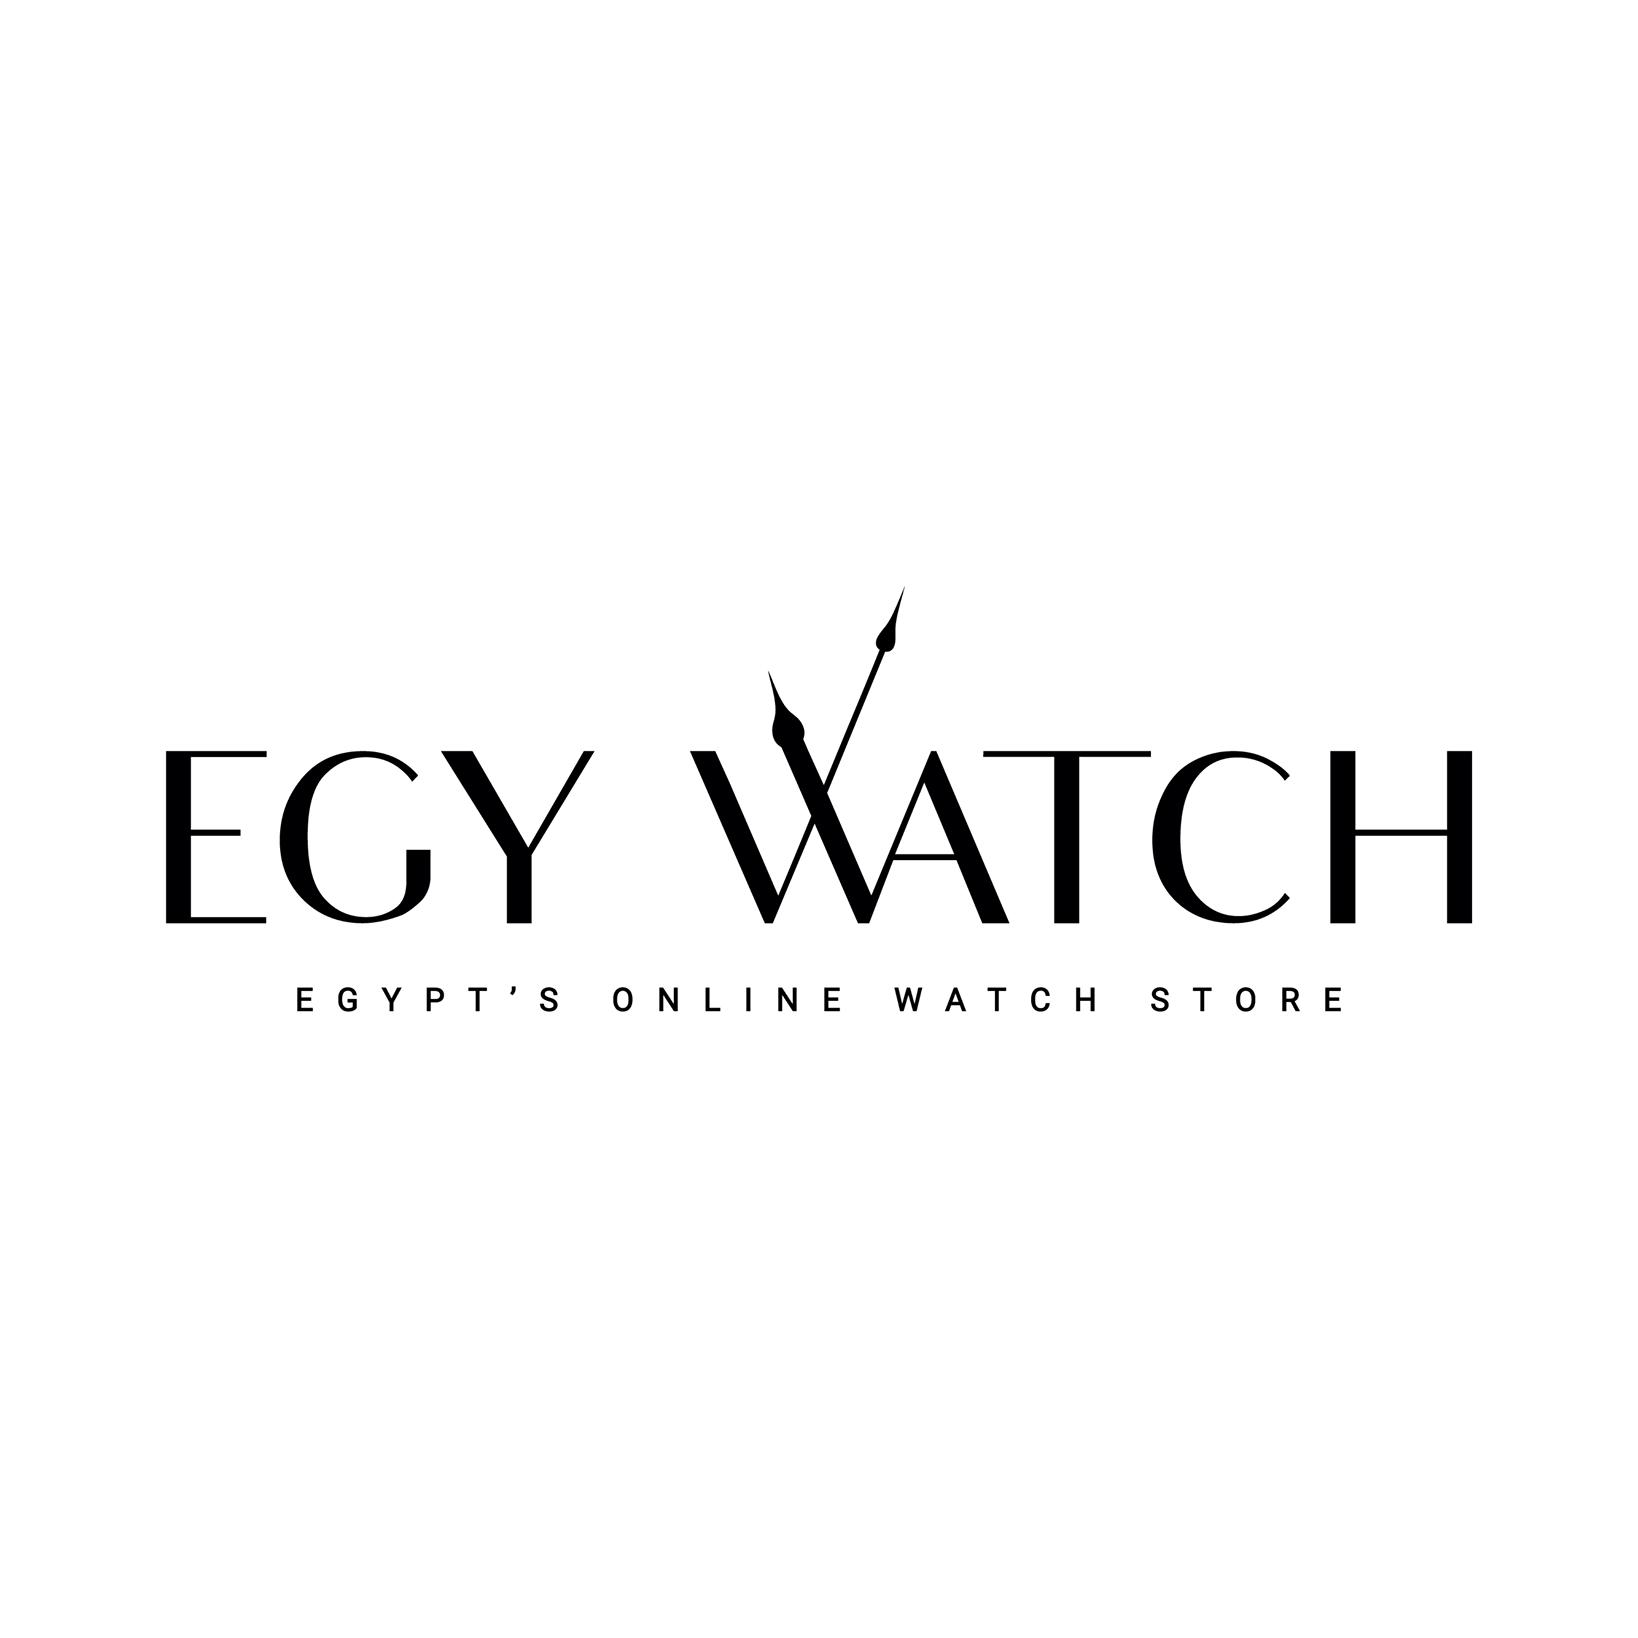 إيجي واتش Egy Watch